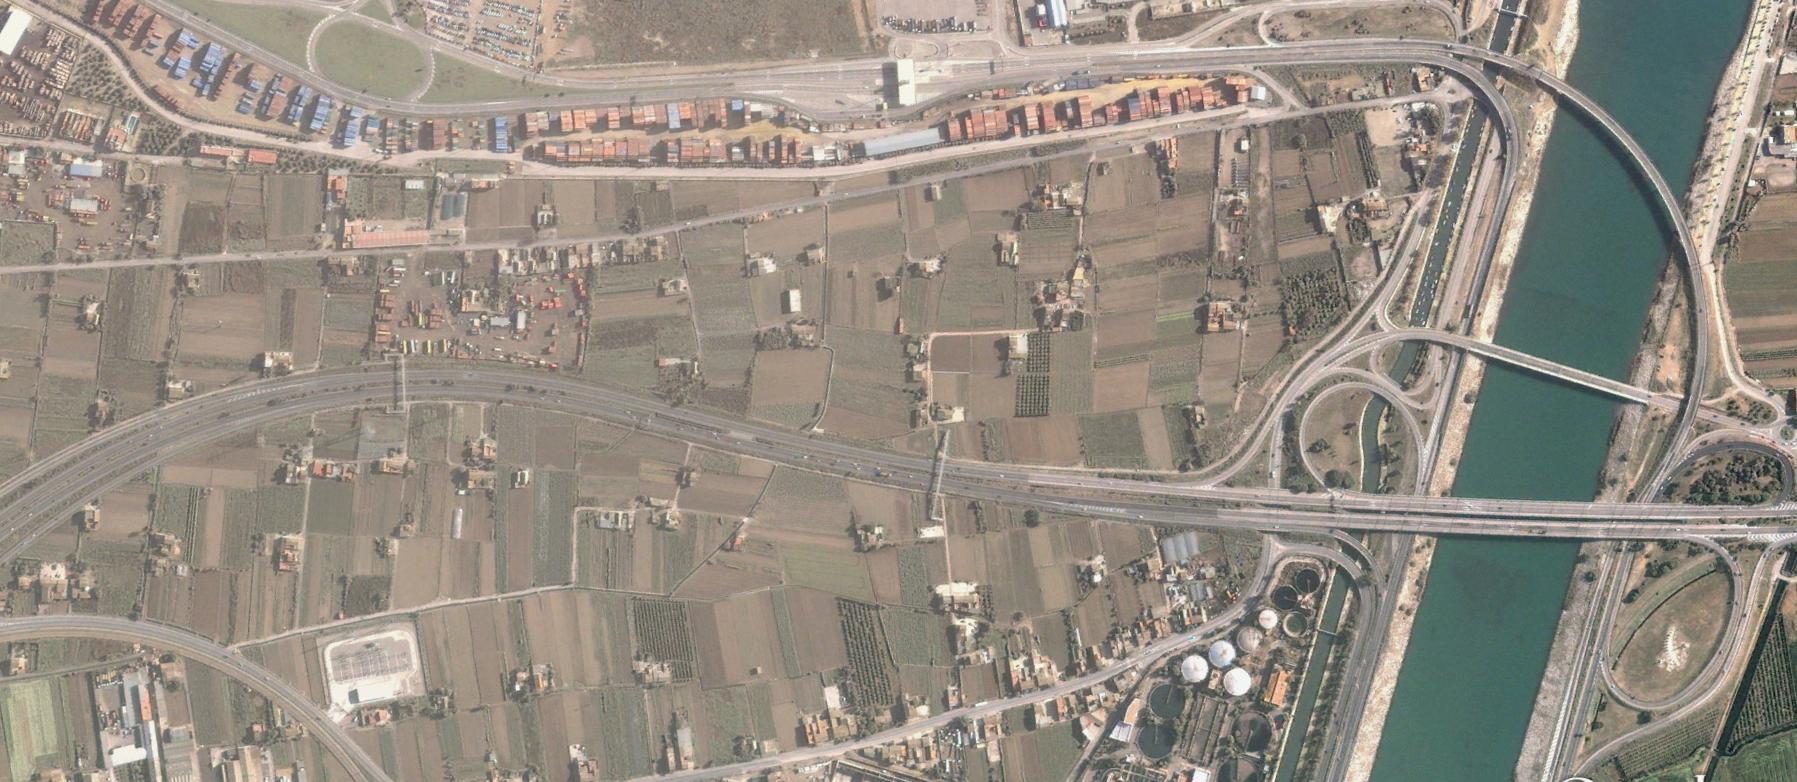 la punta, valencia, solo la punta, antes, urbanismo, planeamiento, urbano, desastre, urbanístico, construcción